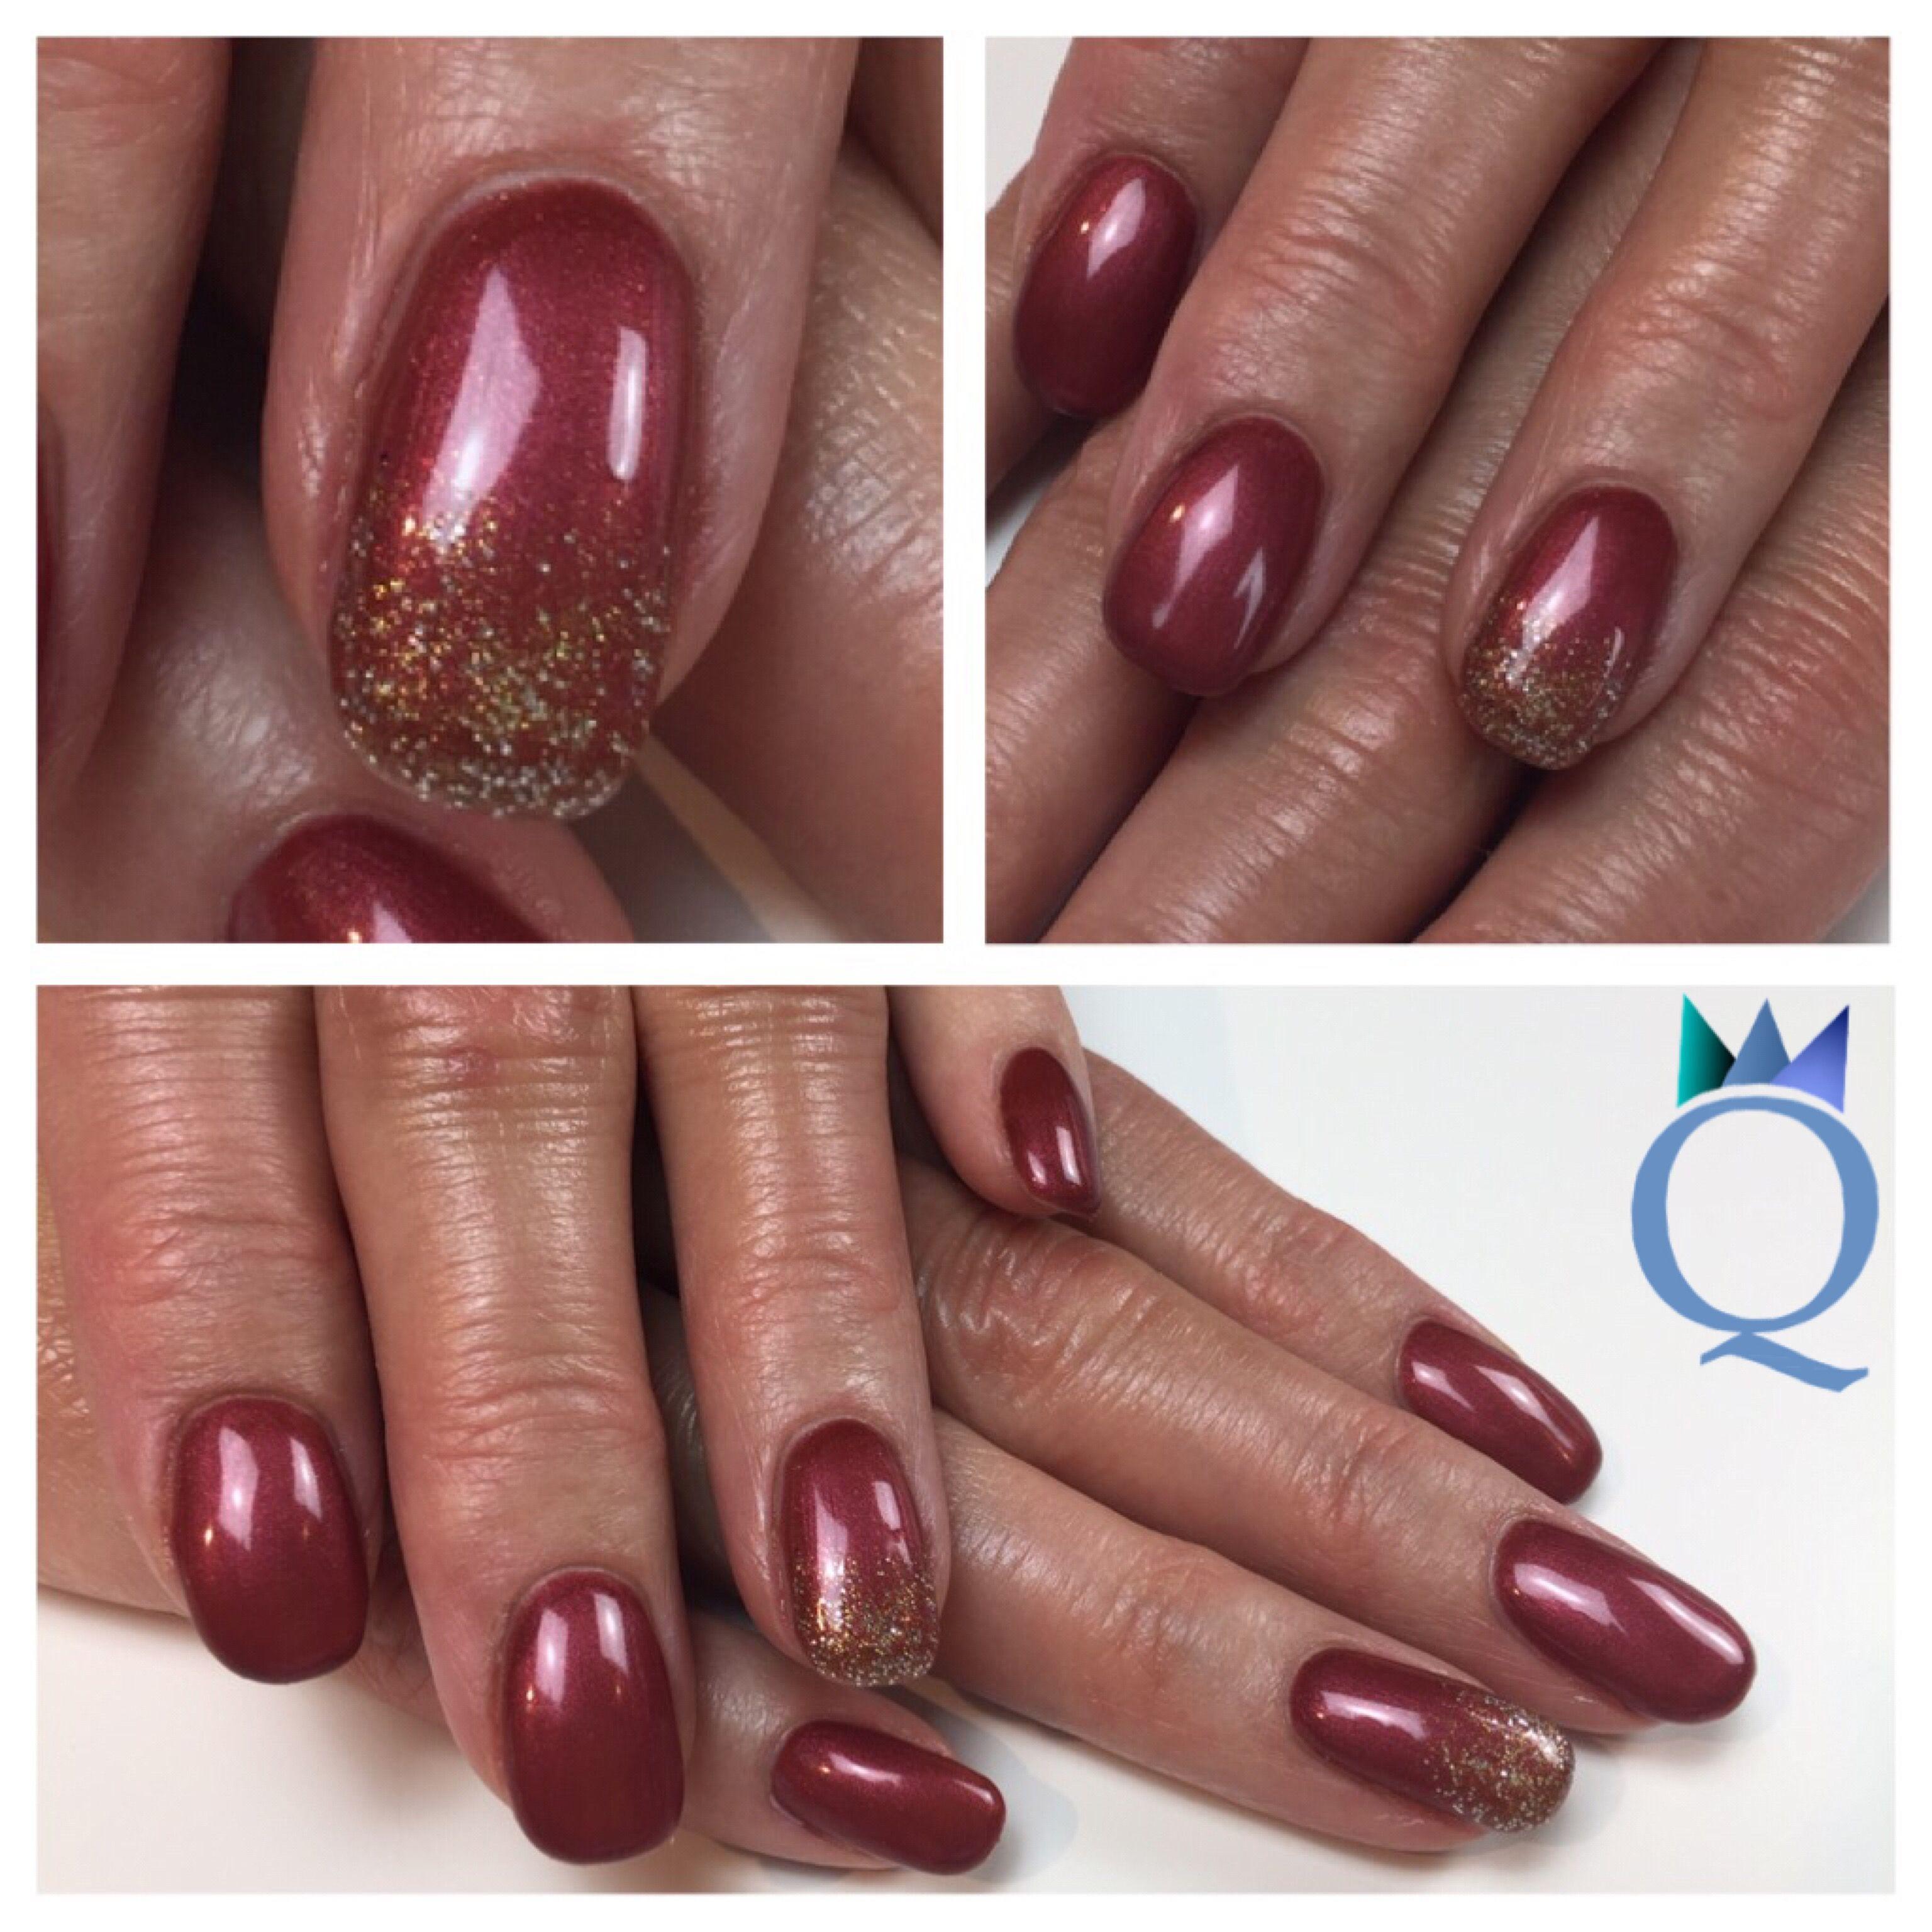 shortnails #gelnails #nails #red #custommade #gold #glitter ...